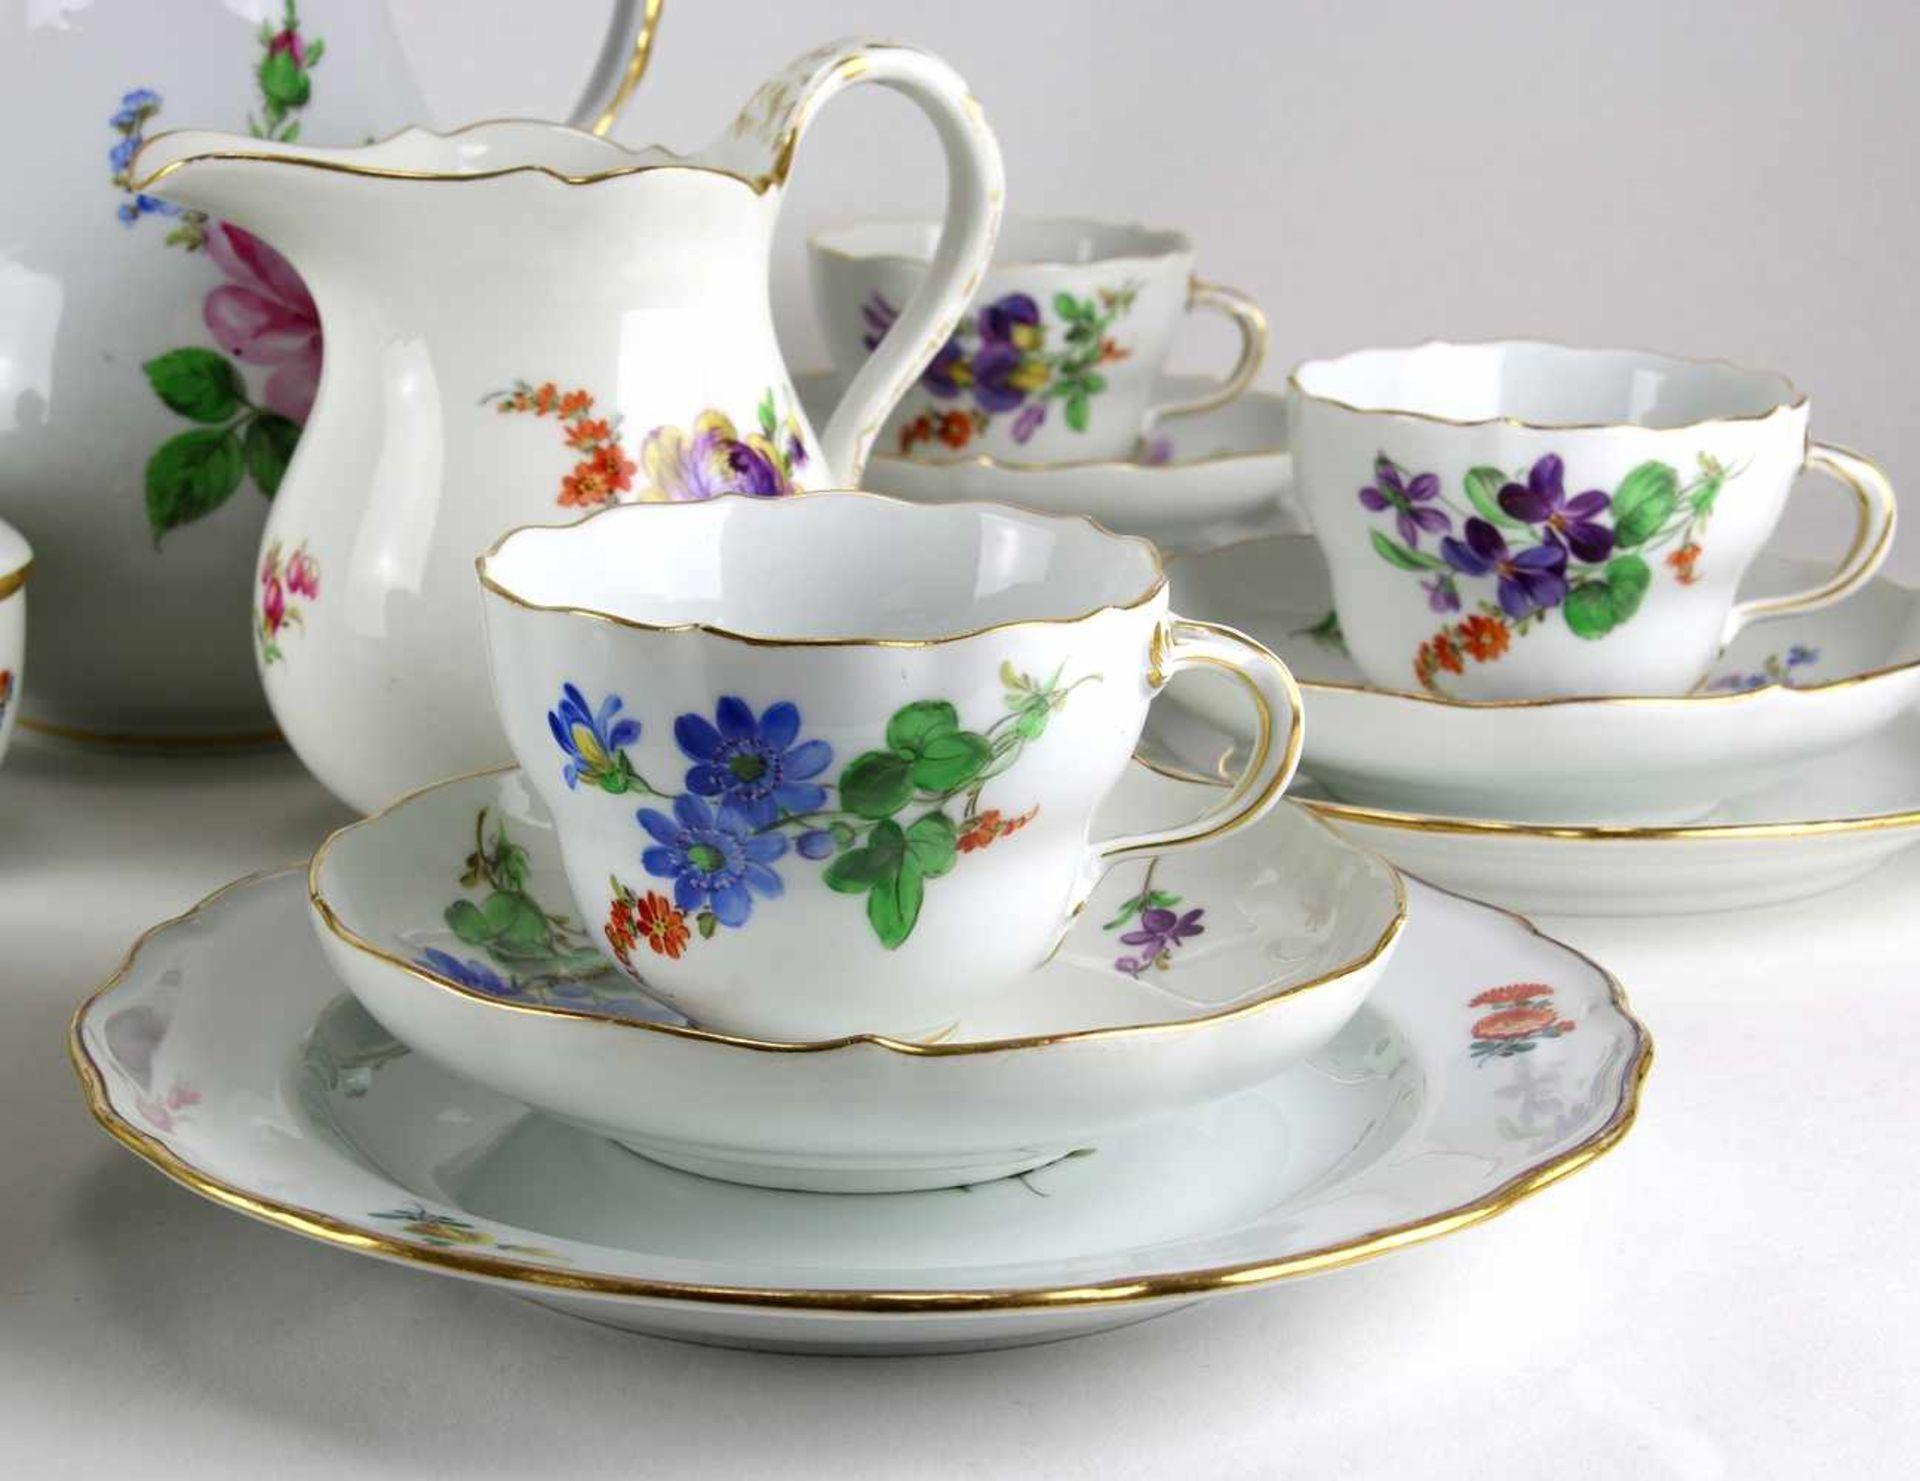 KaffeeserviceMeissen 20. Jh. Form Neuer Ausschnitt meist mit Blumenbuket und zwei Beiblumen. - Bild 4 aus 4